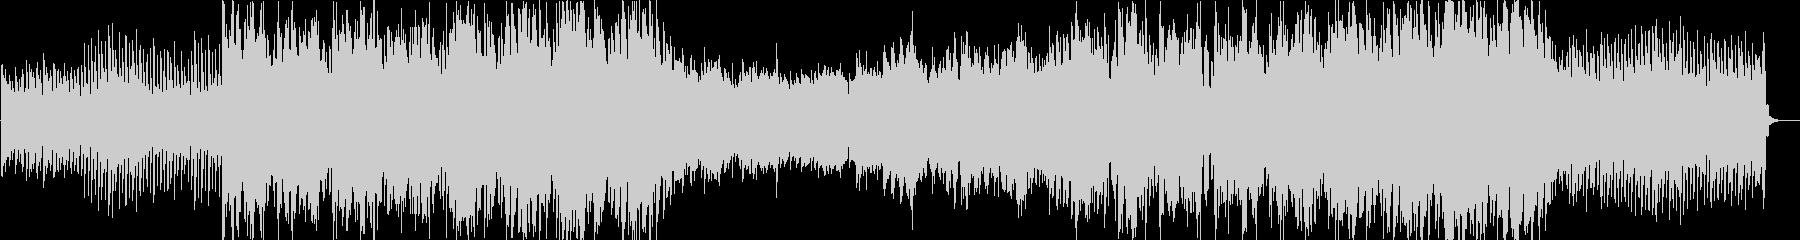 アンビエント系エレクトロニカの未再生の波形